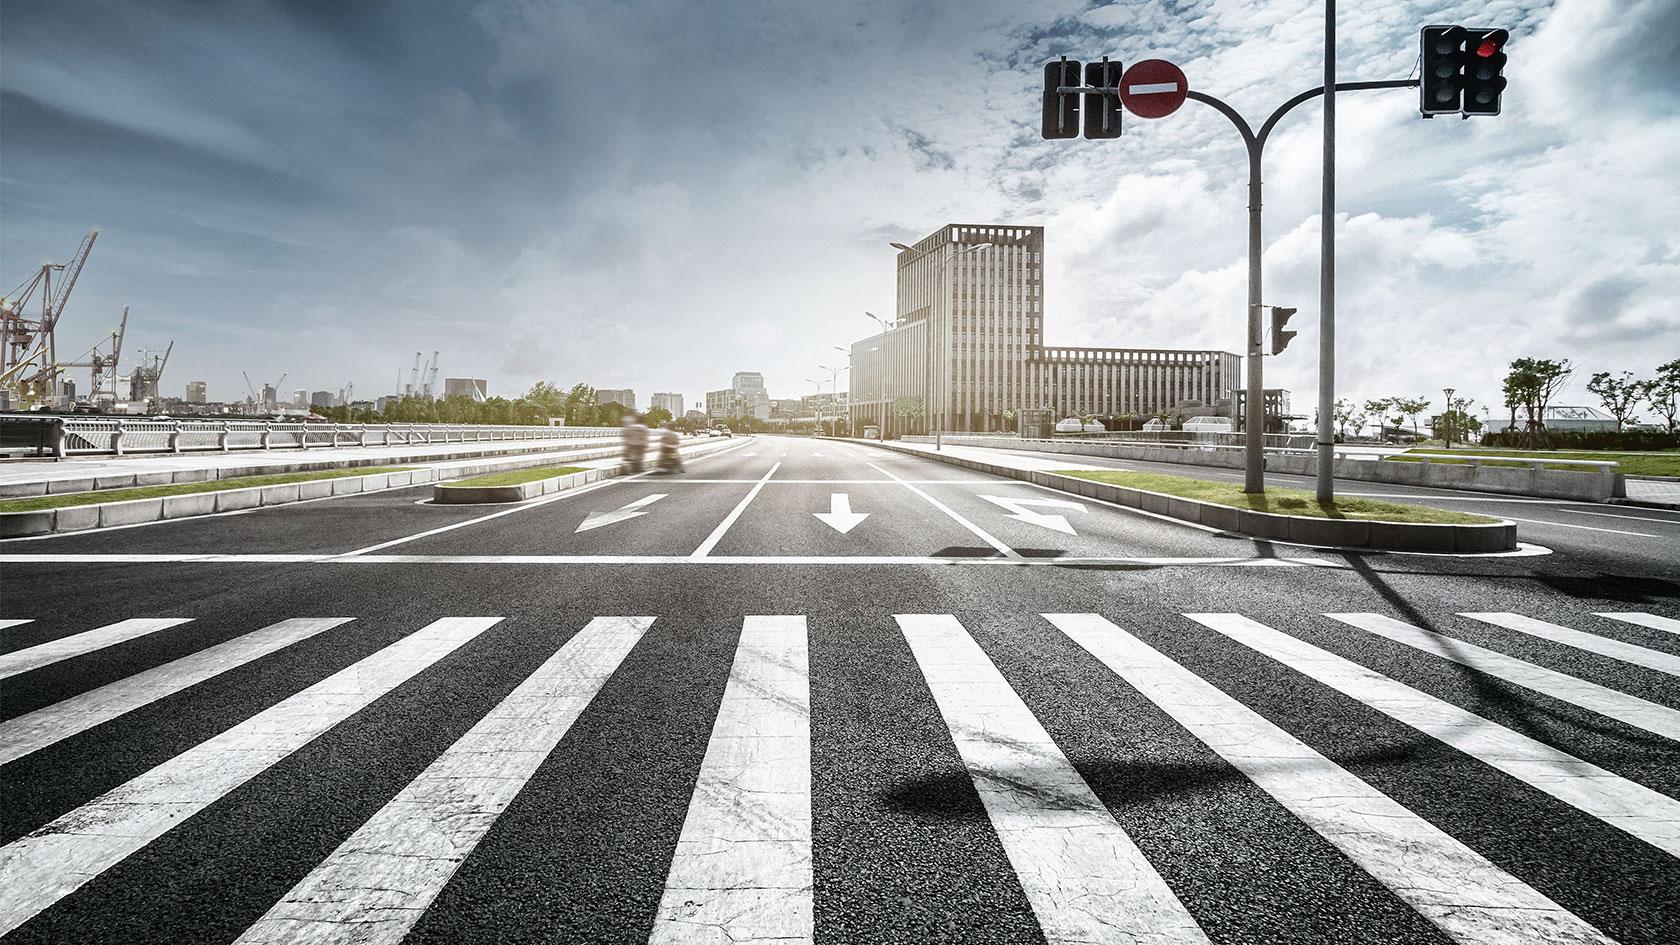 εκπομπών που χρονολογούνται από την ταχύτητα ραντεβού με σημάδια Lladro